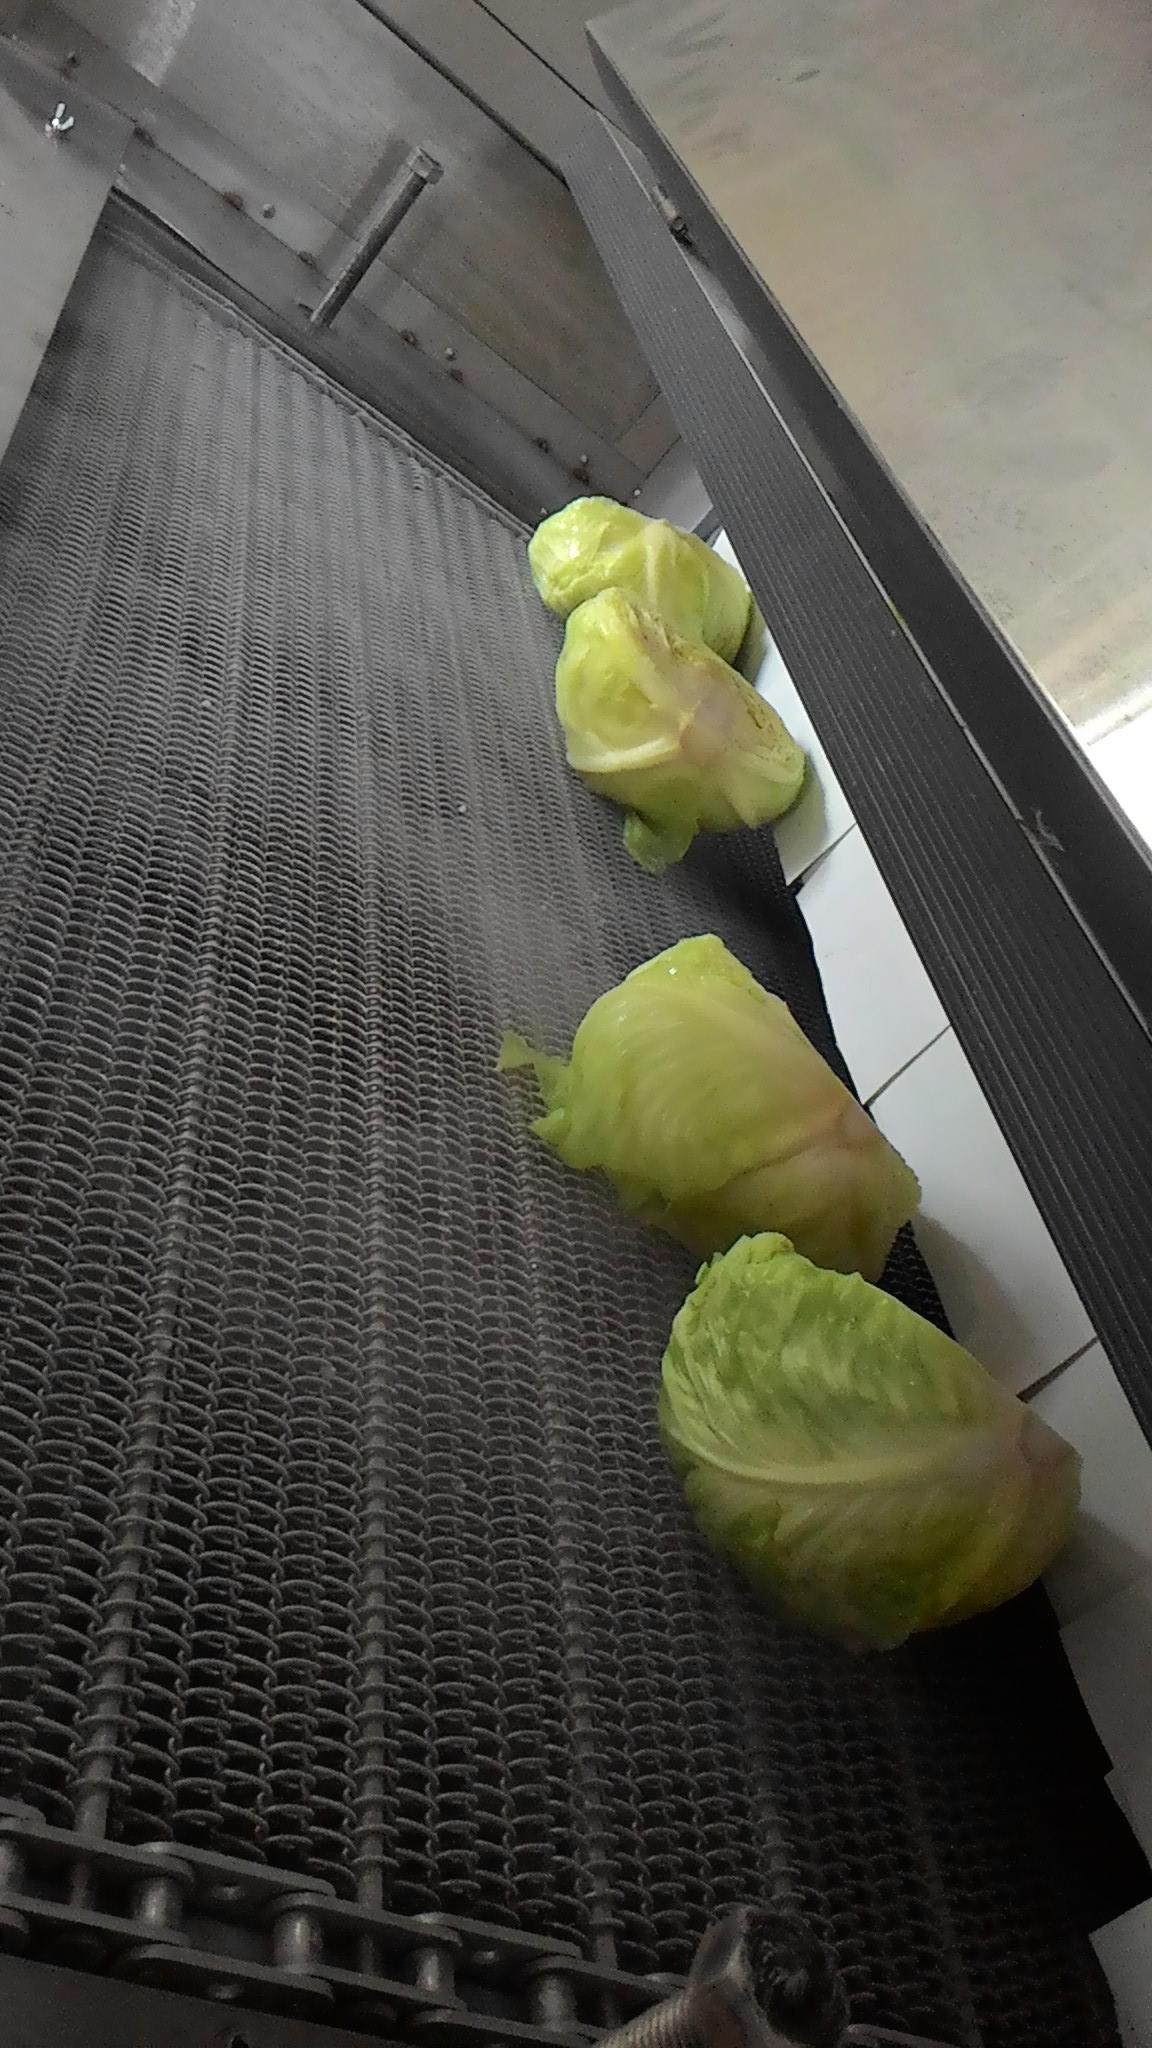 急速冷凍 高麗菜 2.jpg